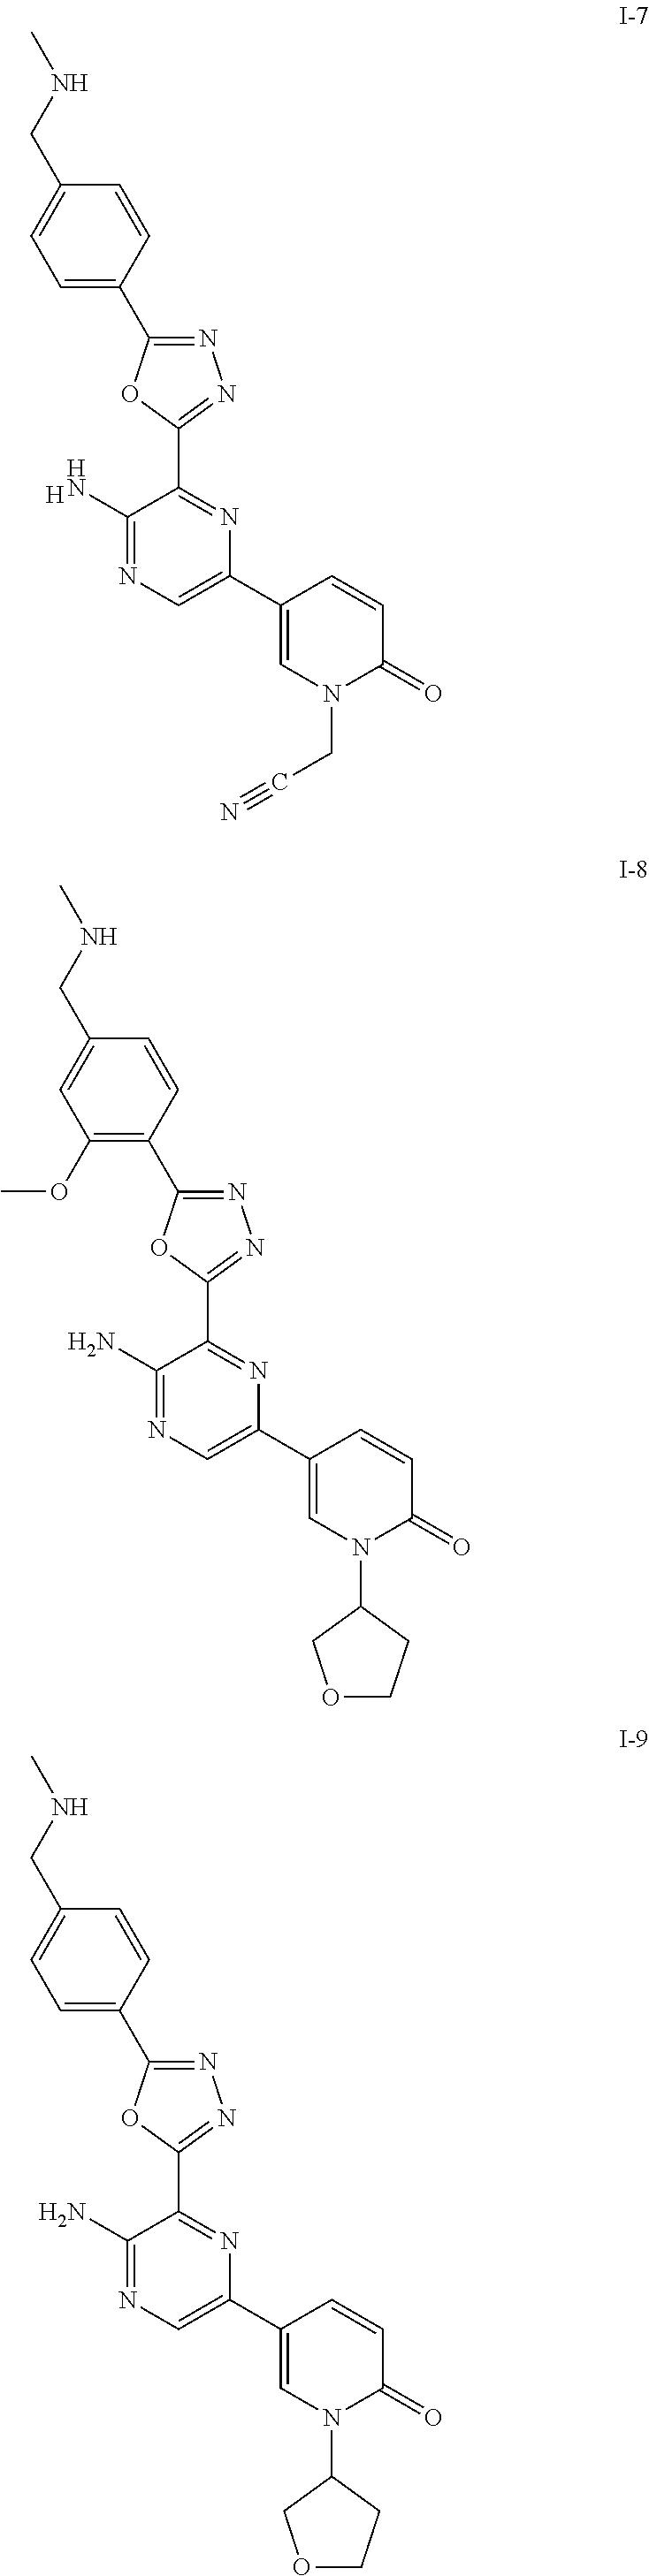 Figure US09630956-20170425-C00219